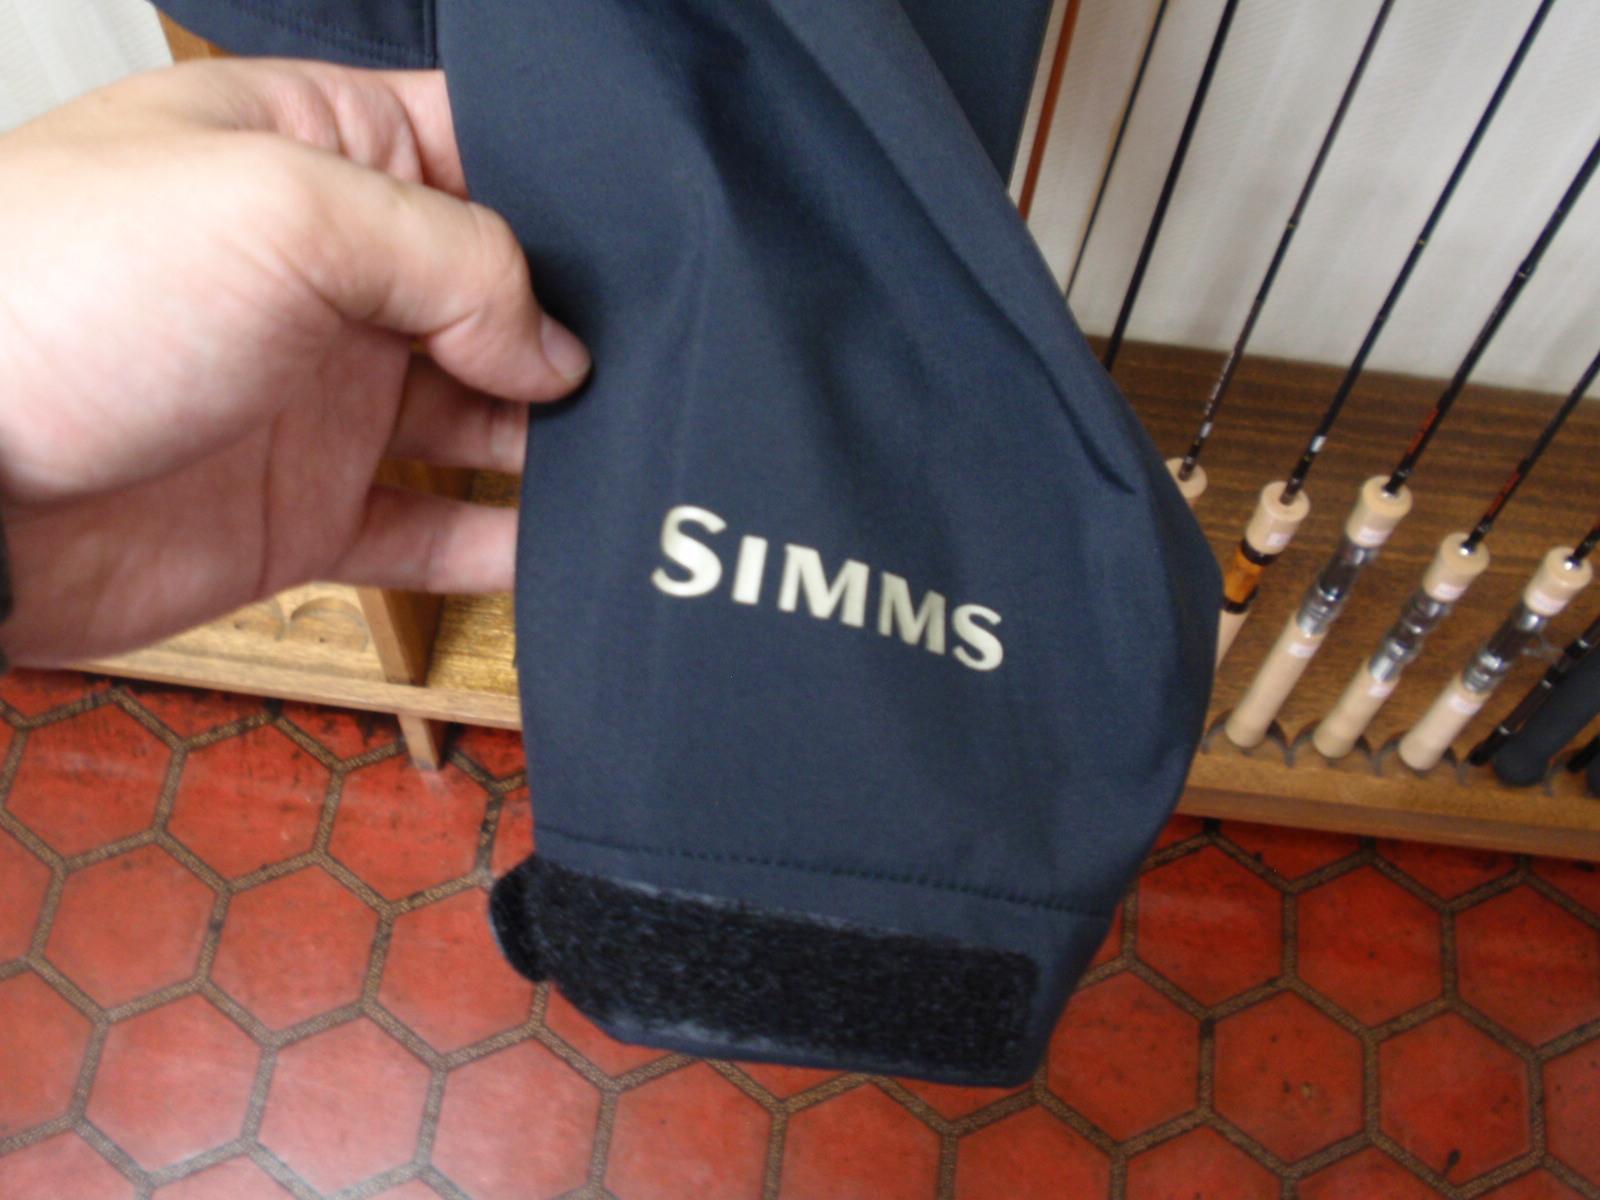 ・SIMMS_a0165135_22412835.jpg